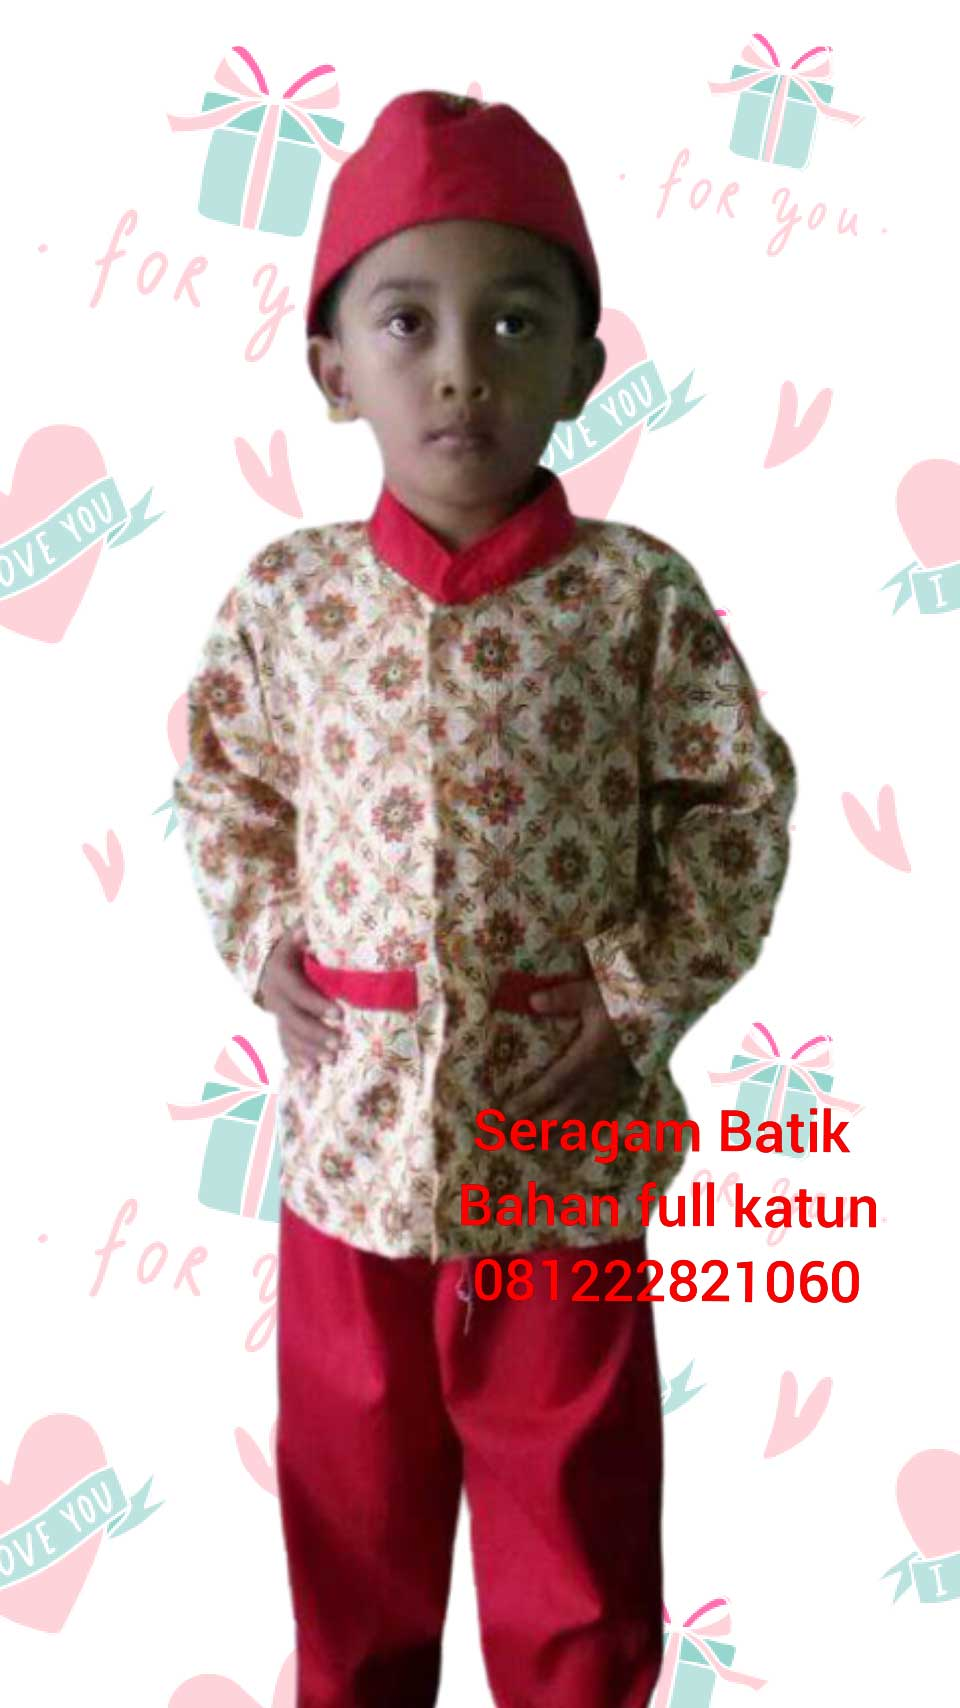 gambar seragam sekolah tk berkualitas di Palmerah Jakarta Barat